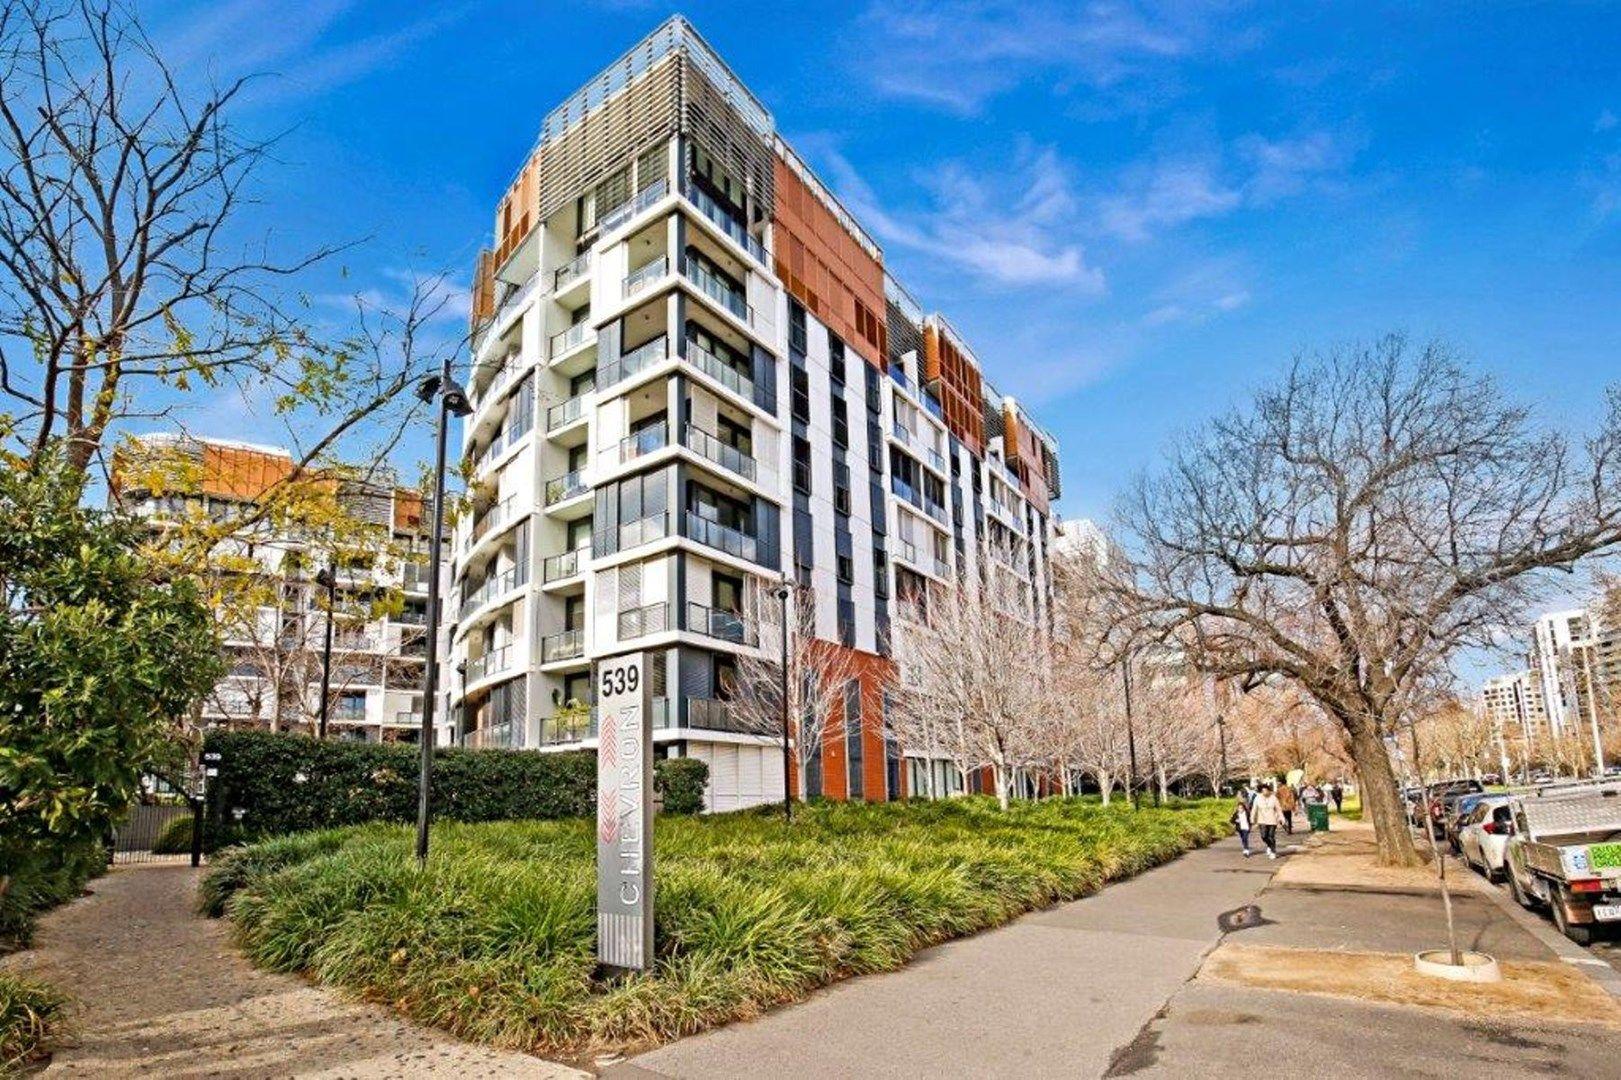 431/539 St Kilda Road, Melbourne 3004 VIC 3004, Image 0